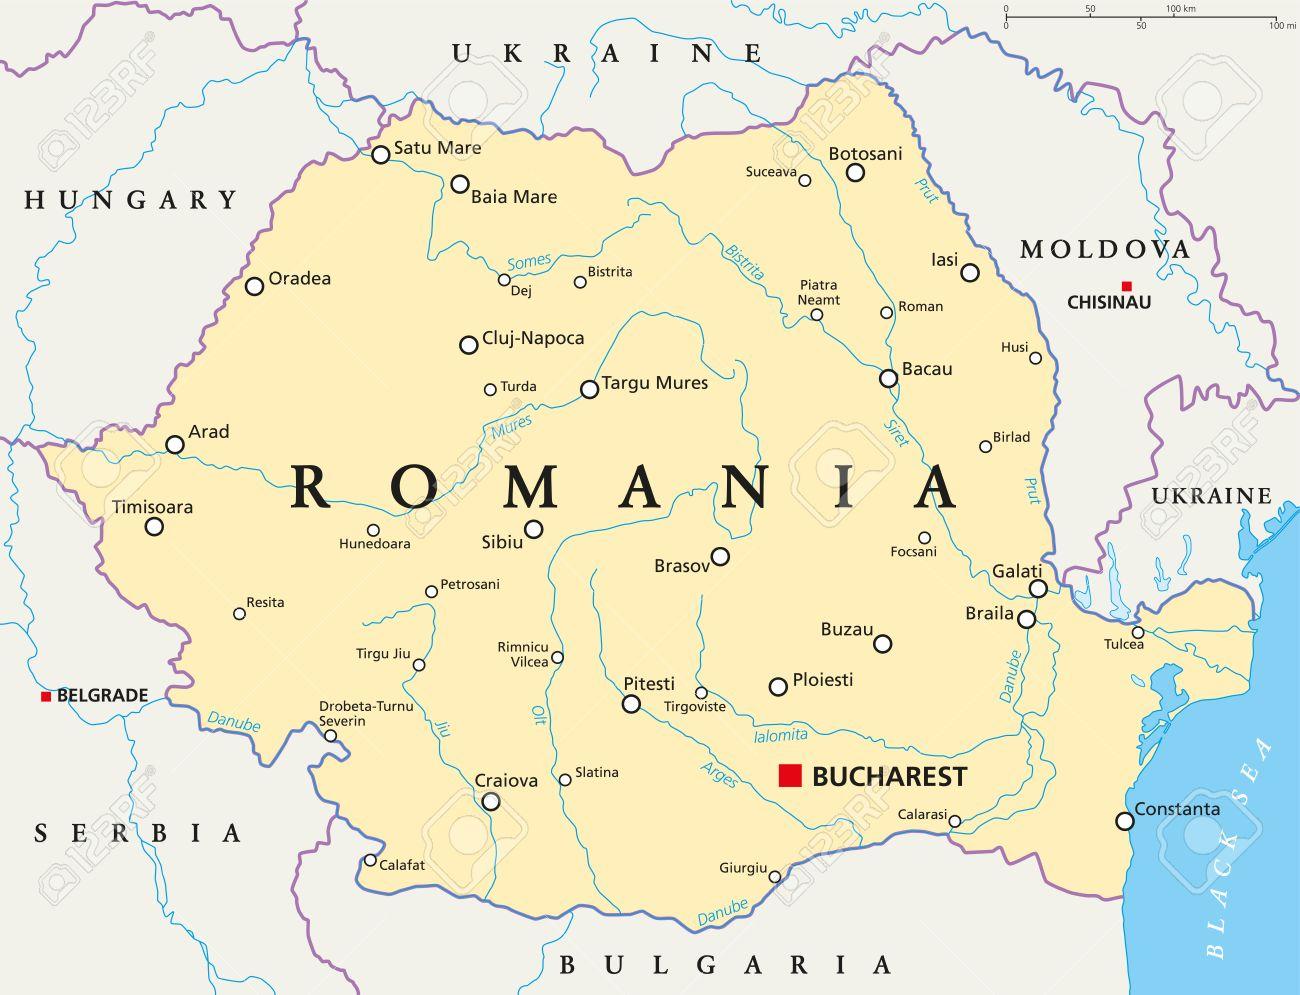 Carte Roumanie Villes.Carte Politique Avec La Roumanie Capitale Bucarest Les Frontieres Nationales Les Villes Importantes Rivieres Et Lacs Etiquetage Anglais Et Mise A